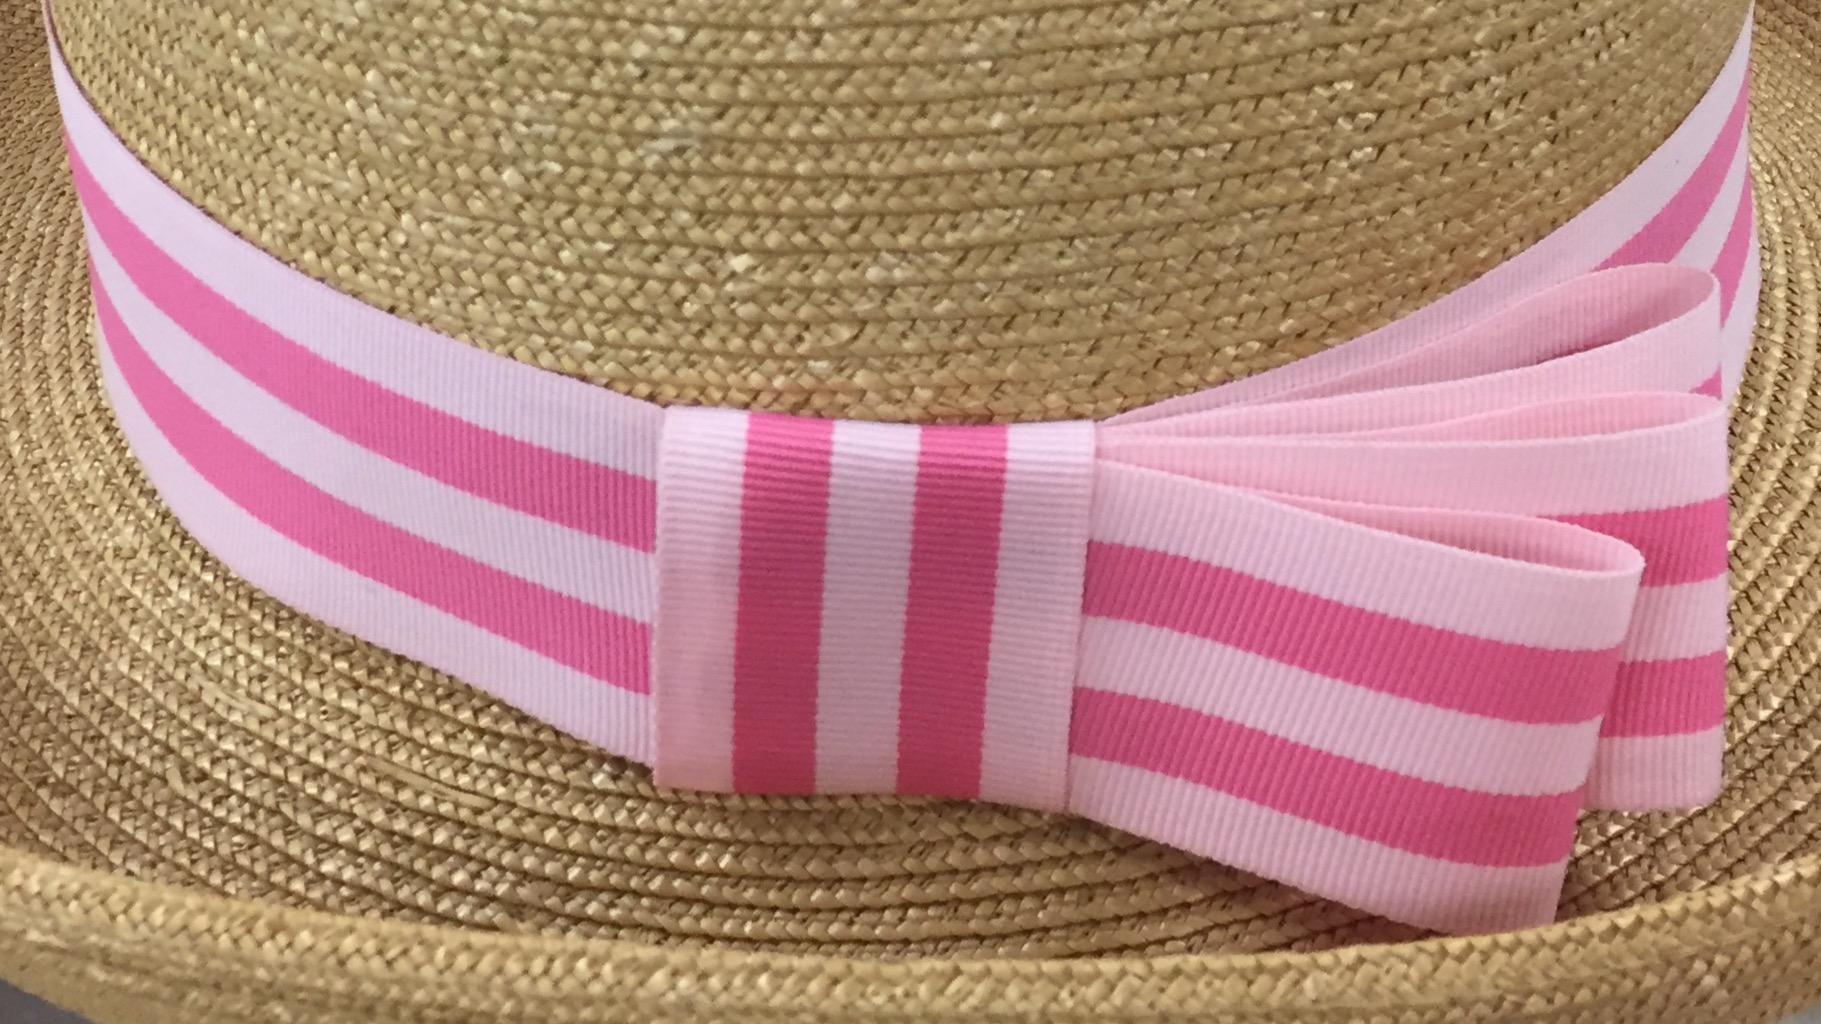 Hatband Option 2 - Asymmetrical Bow